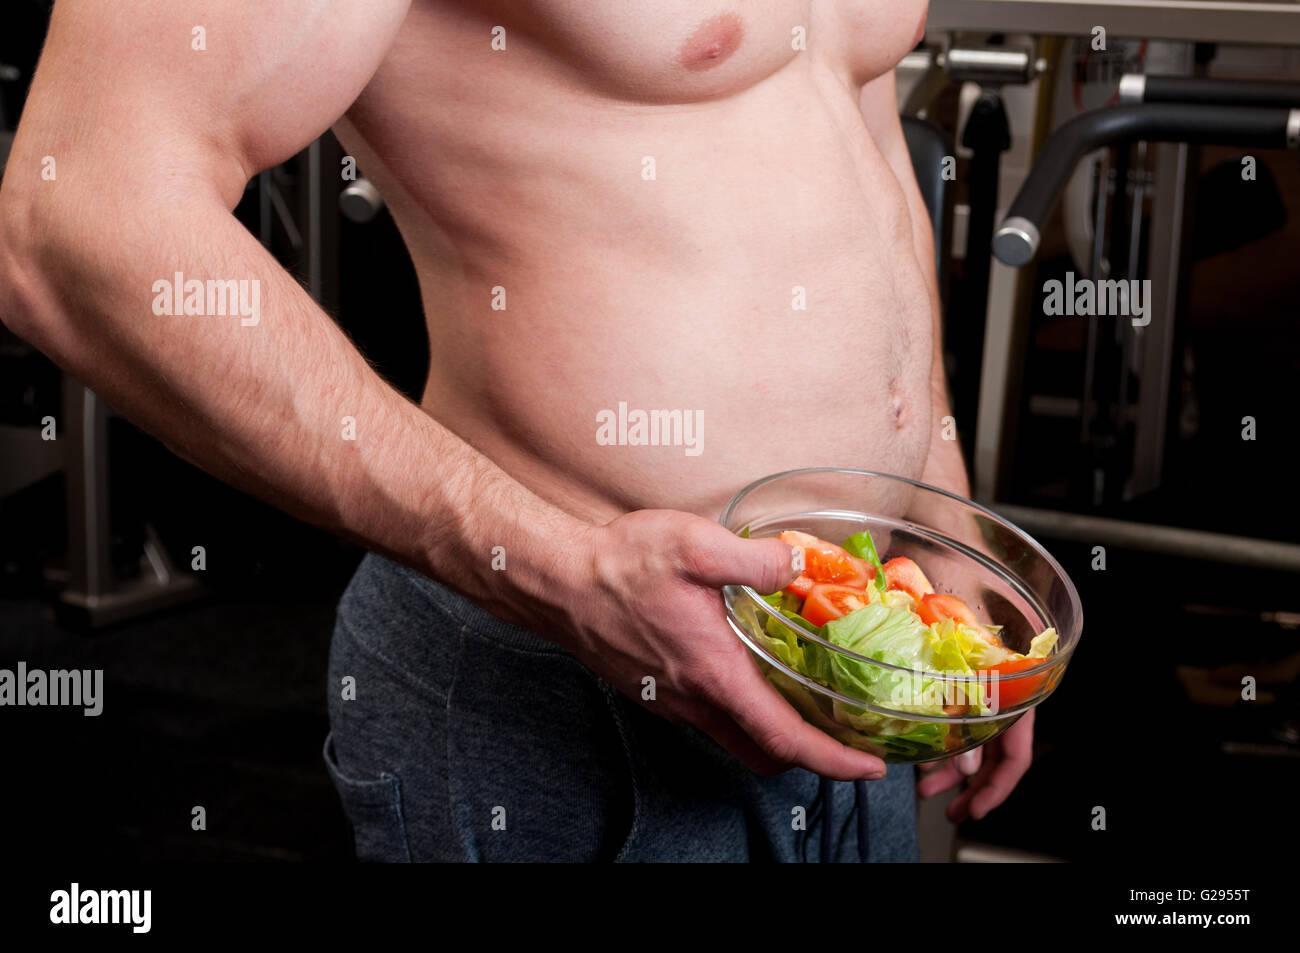 El edificio del cuerpo con big belly sosteniendo un cuenco de ensalada fresca Imagen De Stock